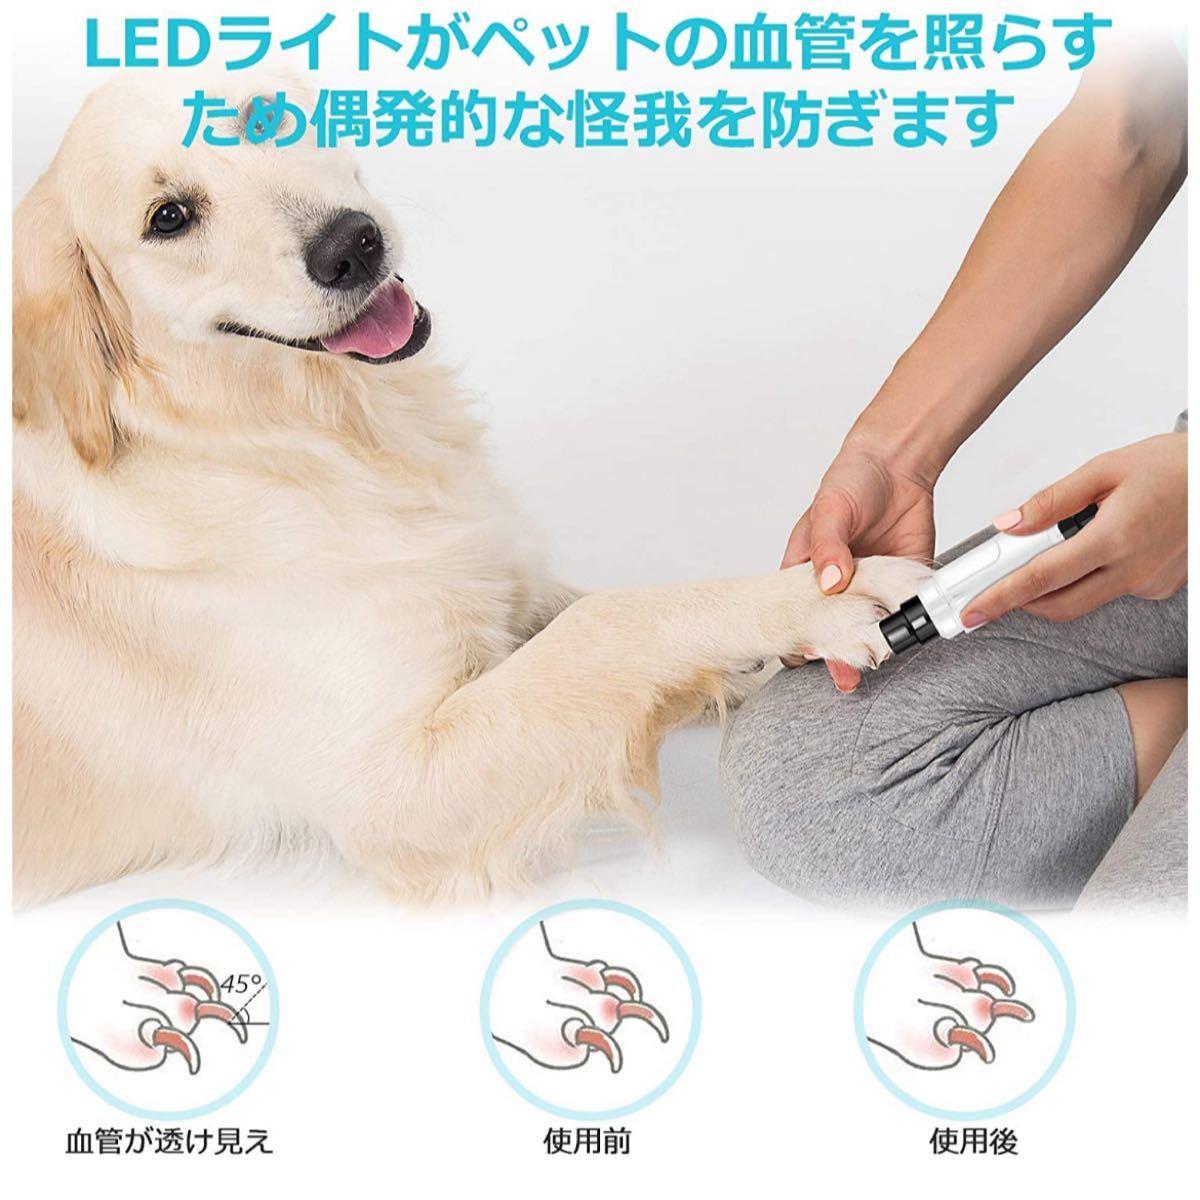 ペット爪切り 猫犬爪切り 中小型犬 電池/爪収納カバー/爪やすり付き 犬猫 小中型ペット適用 D636